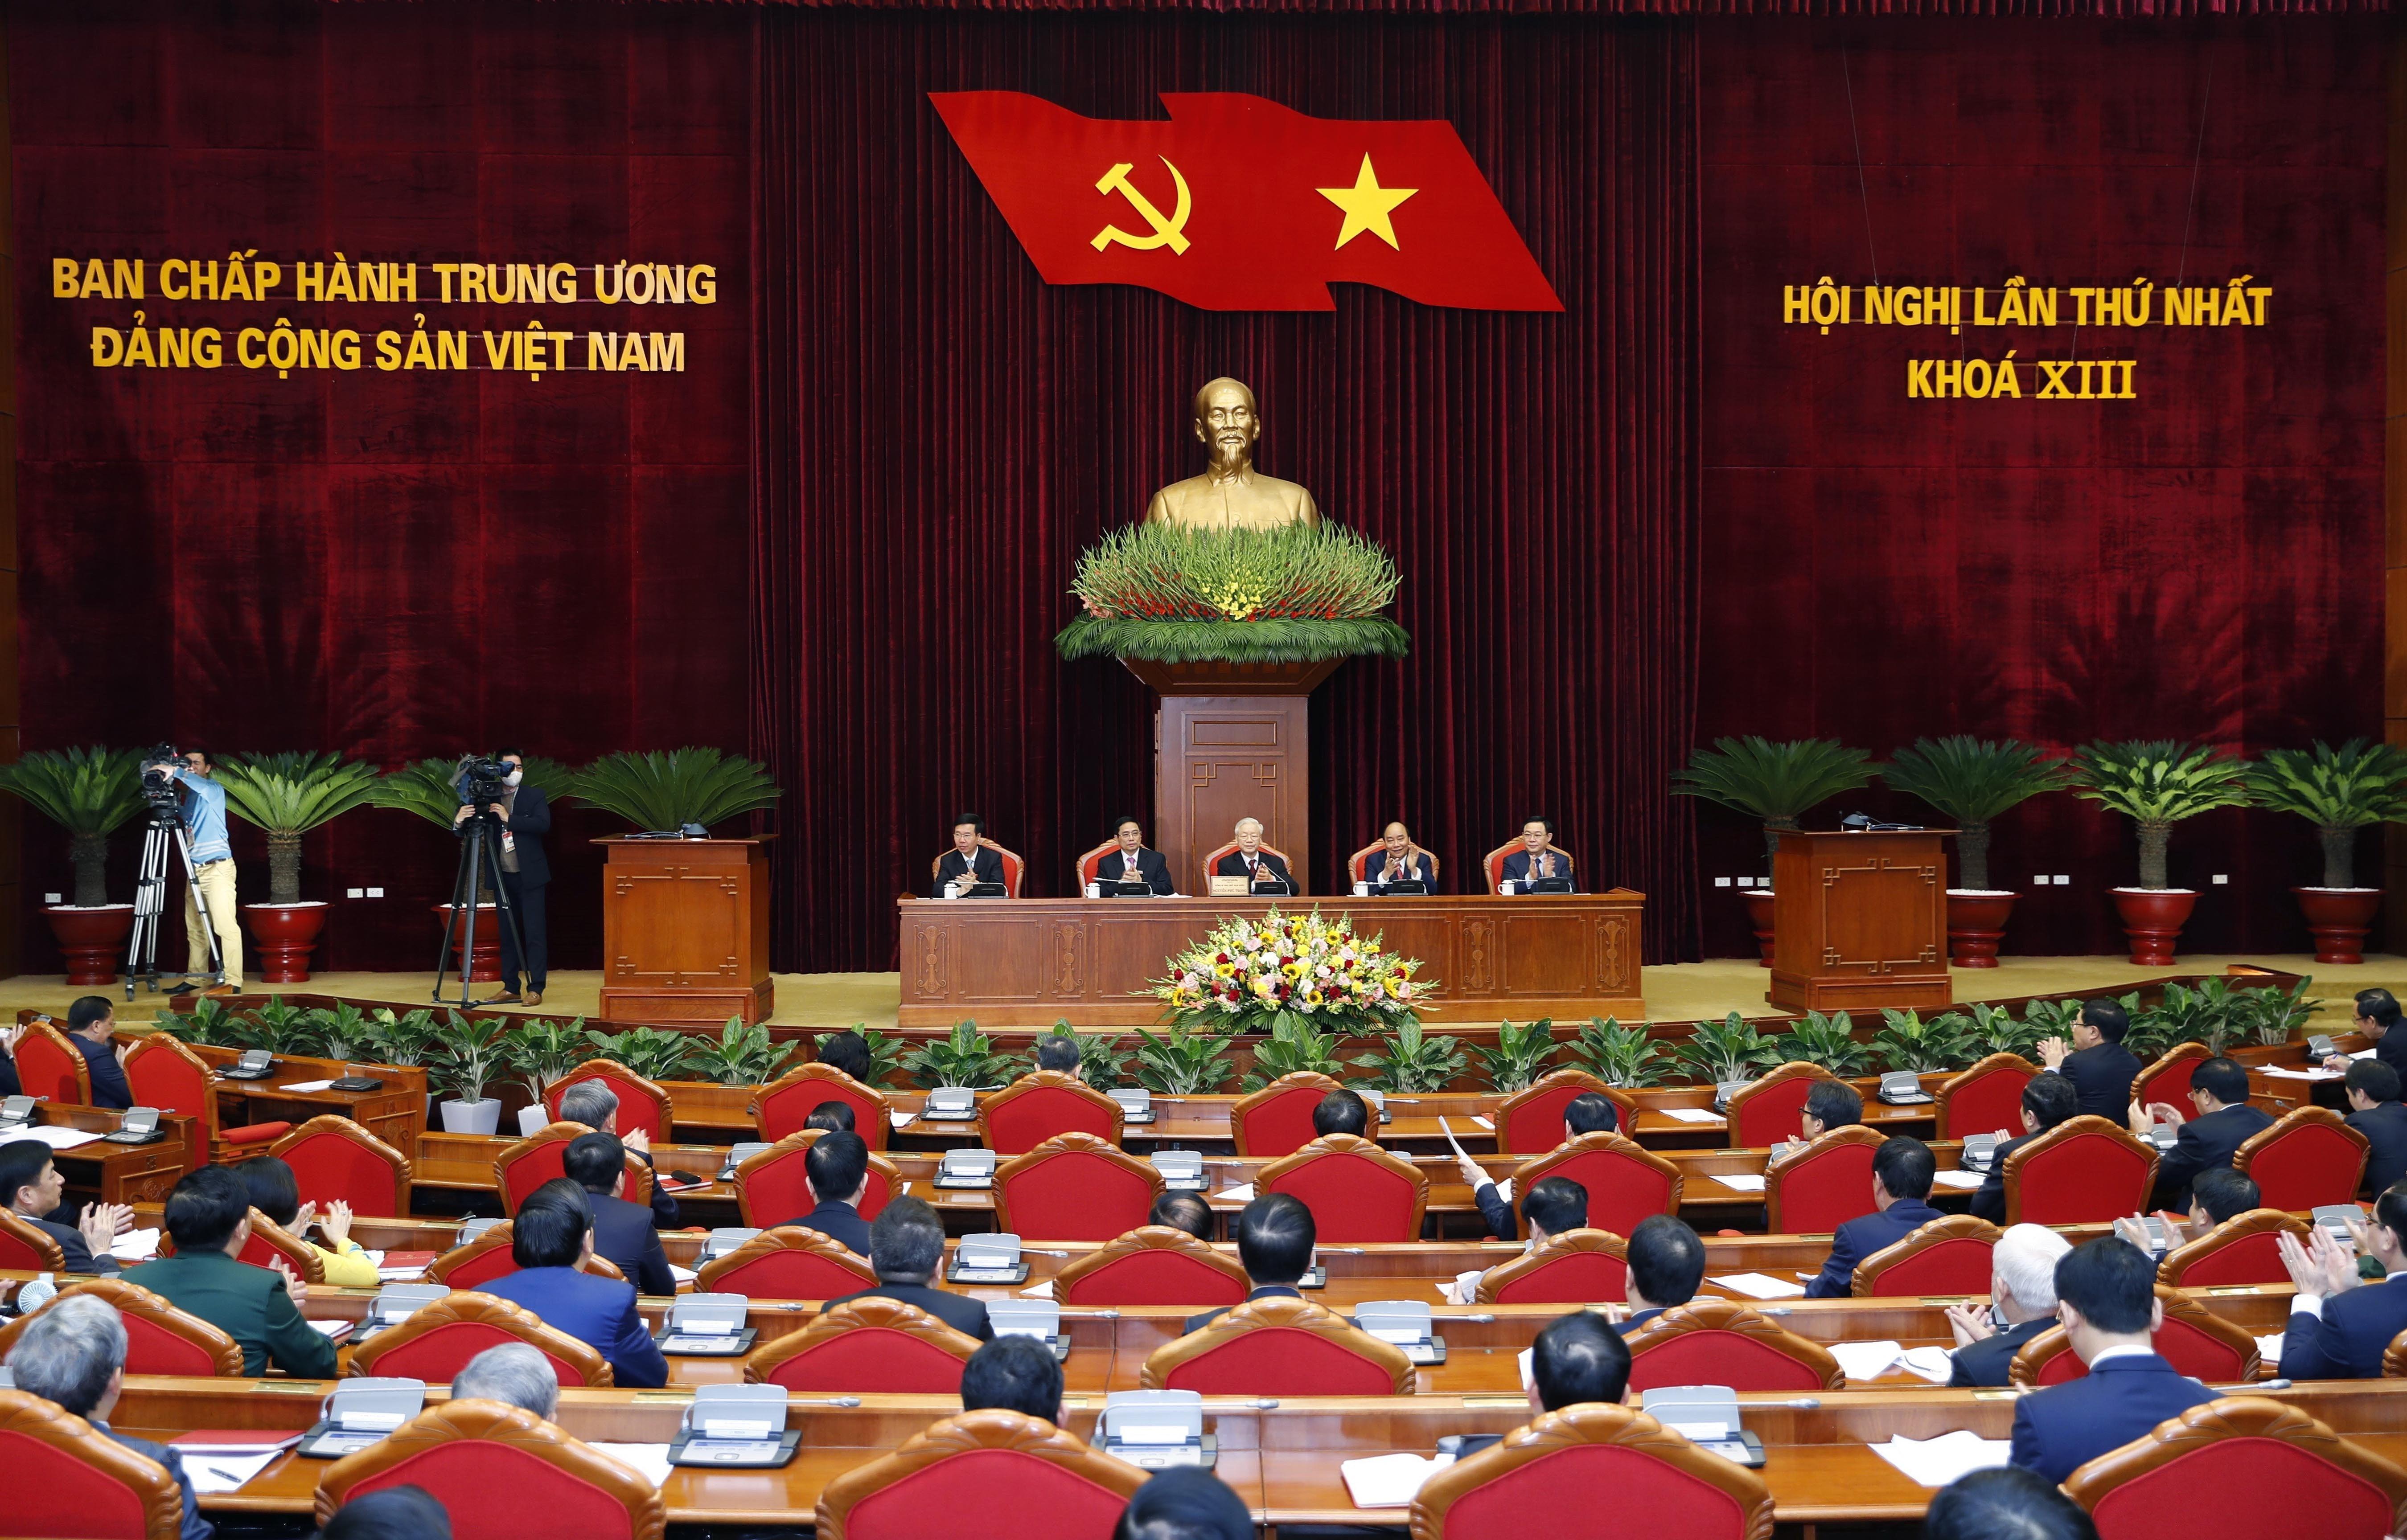 Dong bao mien Trung-Tay Nguyen tin tuong truoc thanh cong Dai hoi XIII hinh anh 1